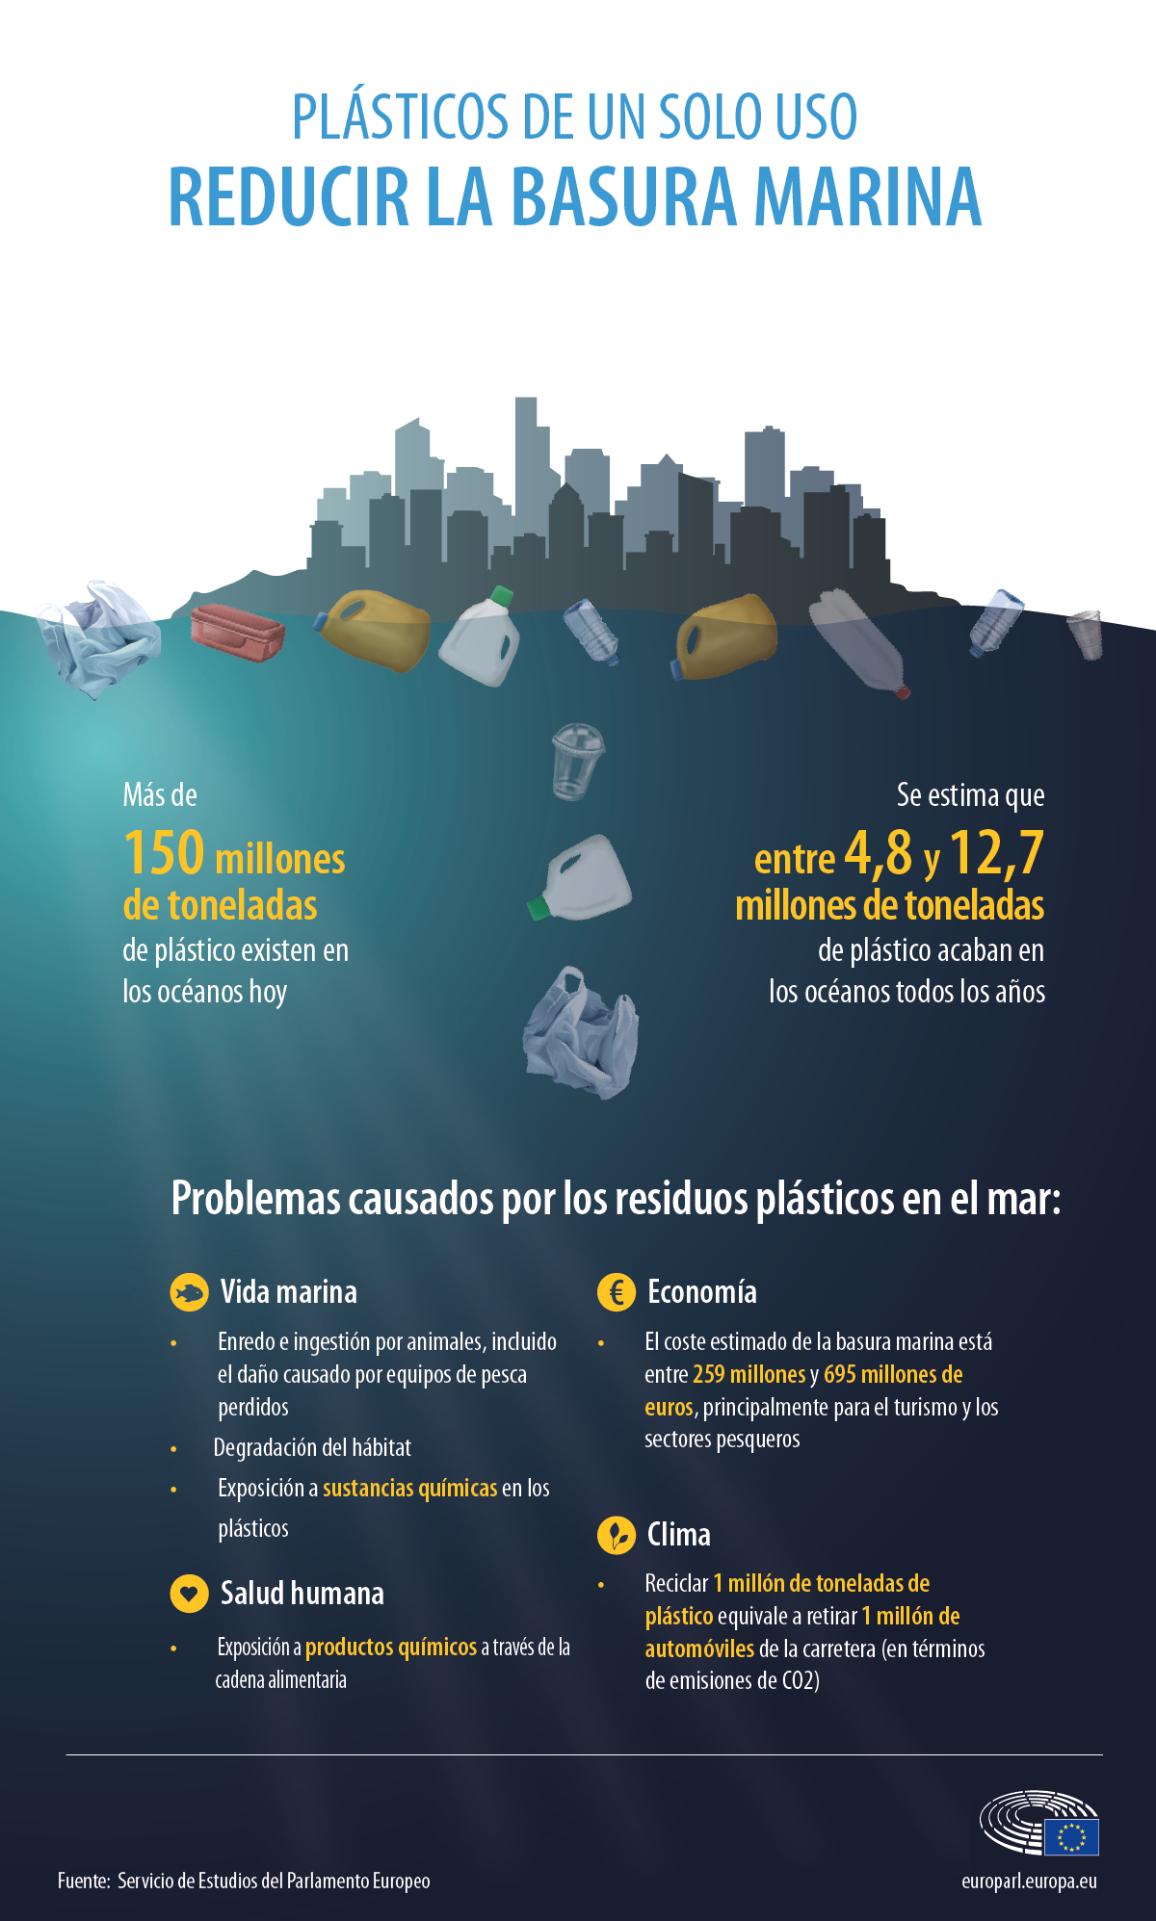 Infografía sobre los problemas causados por los residuos plátiscos en el mar.